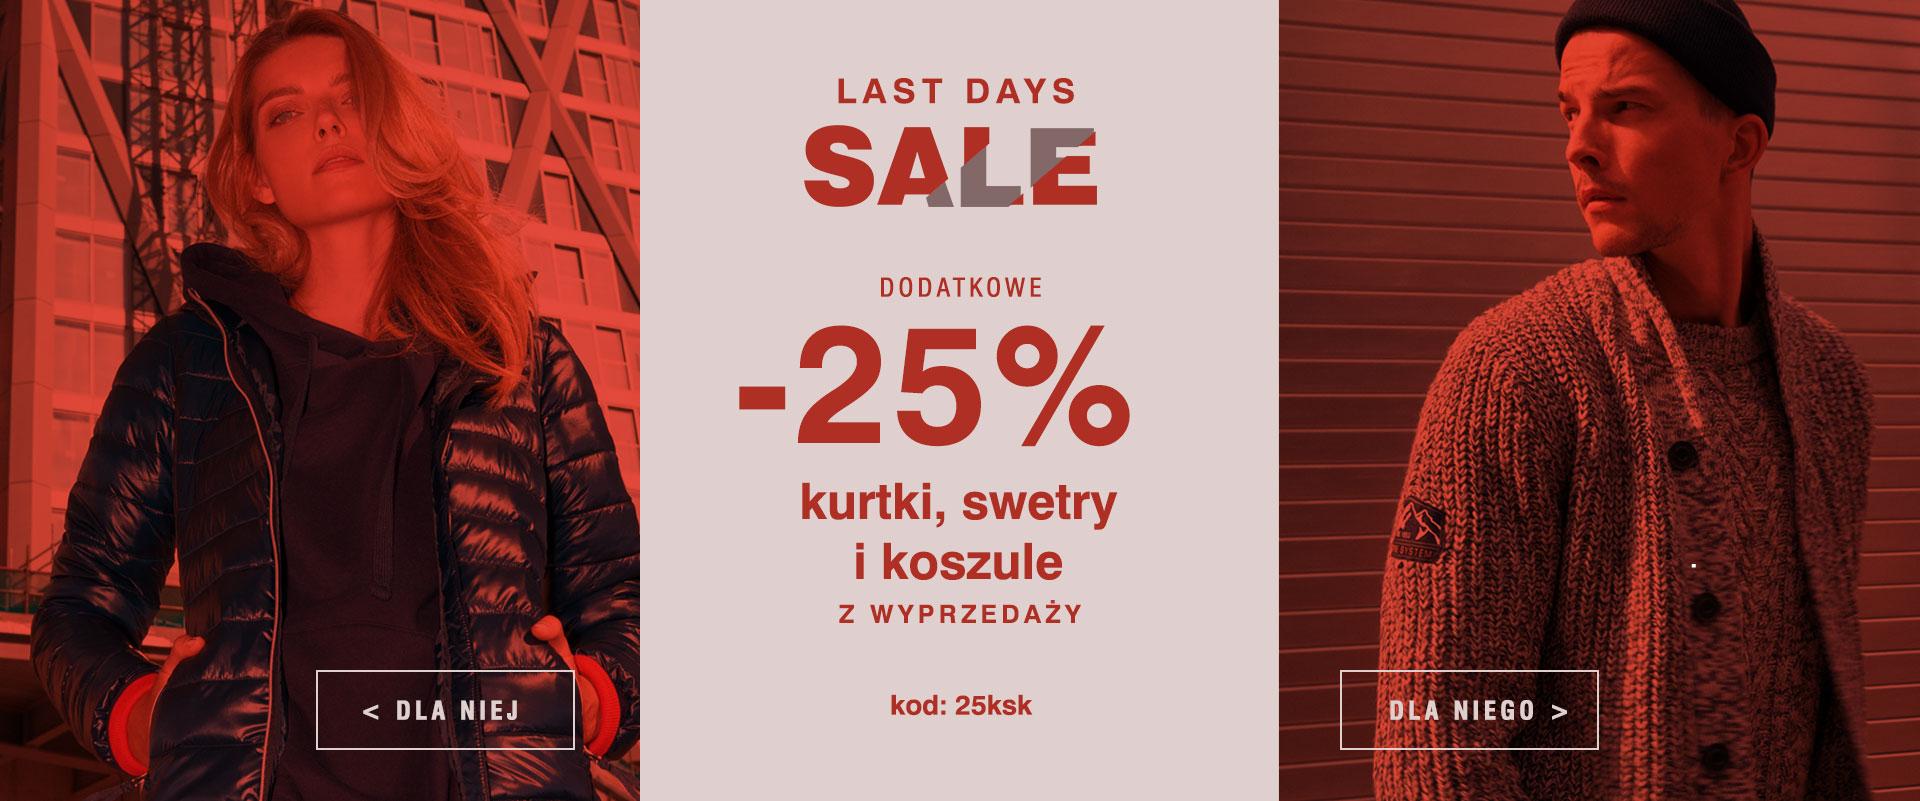 Diverse Diverse: dodatkowe 25% zniżki na kurtki, swetry i koszule